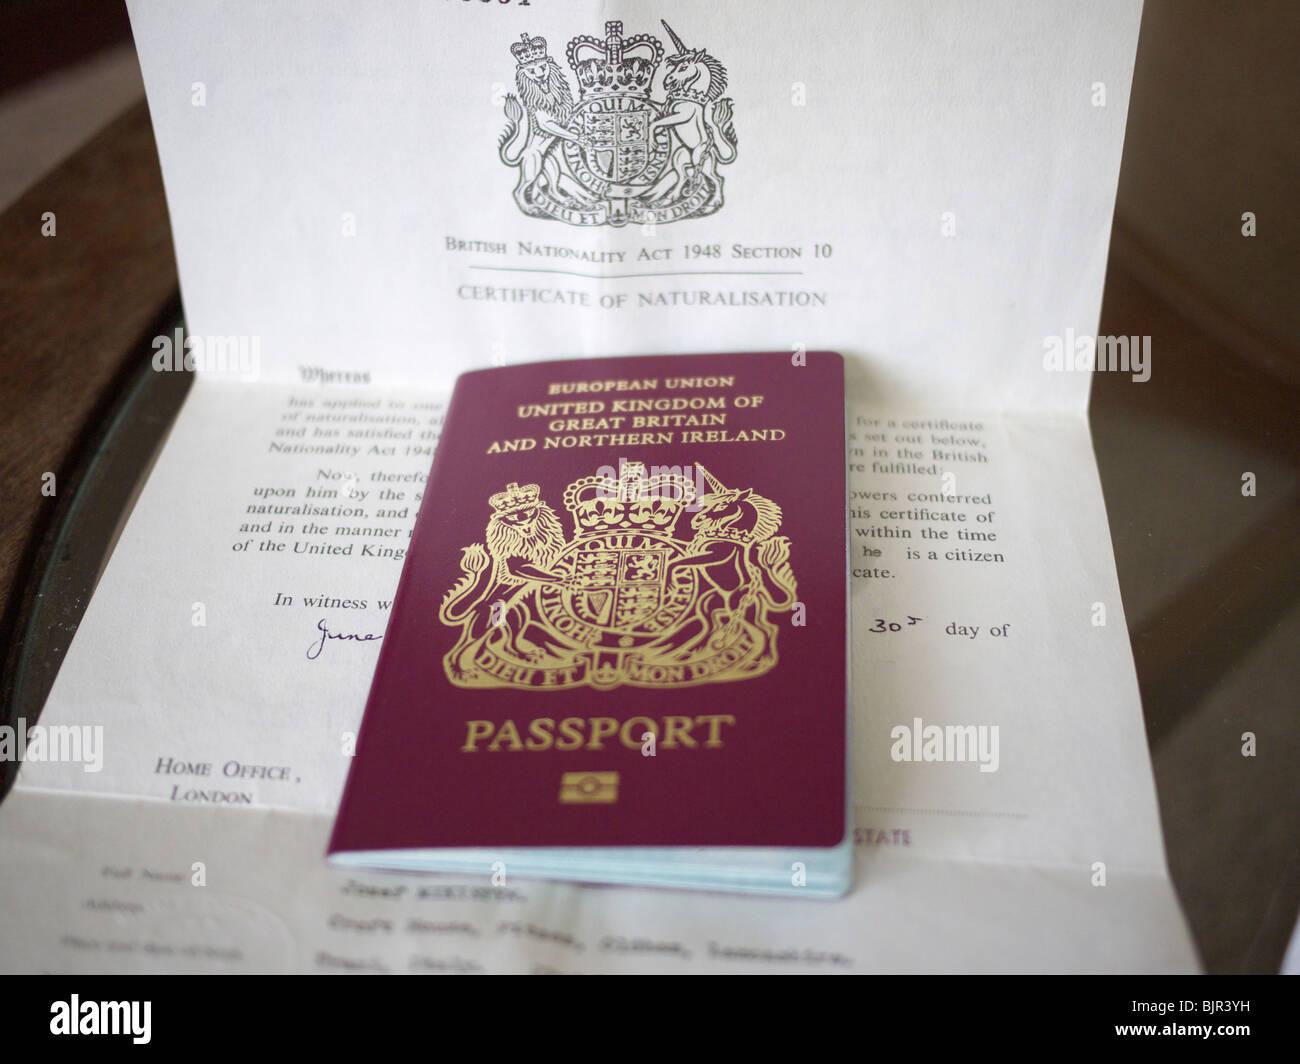 Certificate of naturalization and uk passport stock photo certificate of naturalization and uk passport 1betcityfo Choice Image